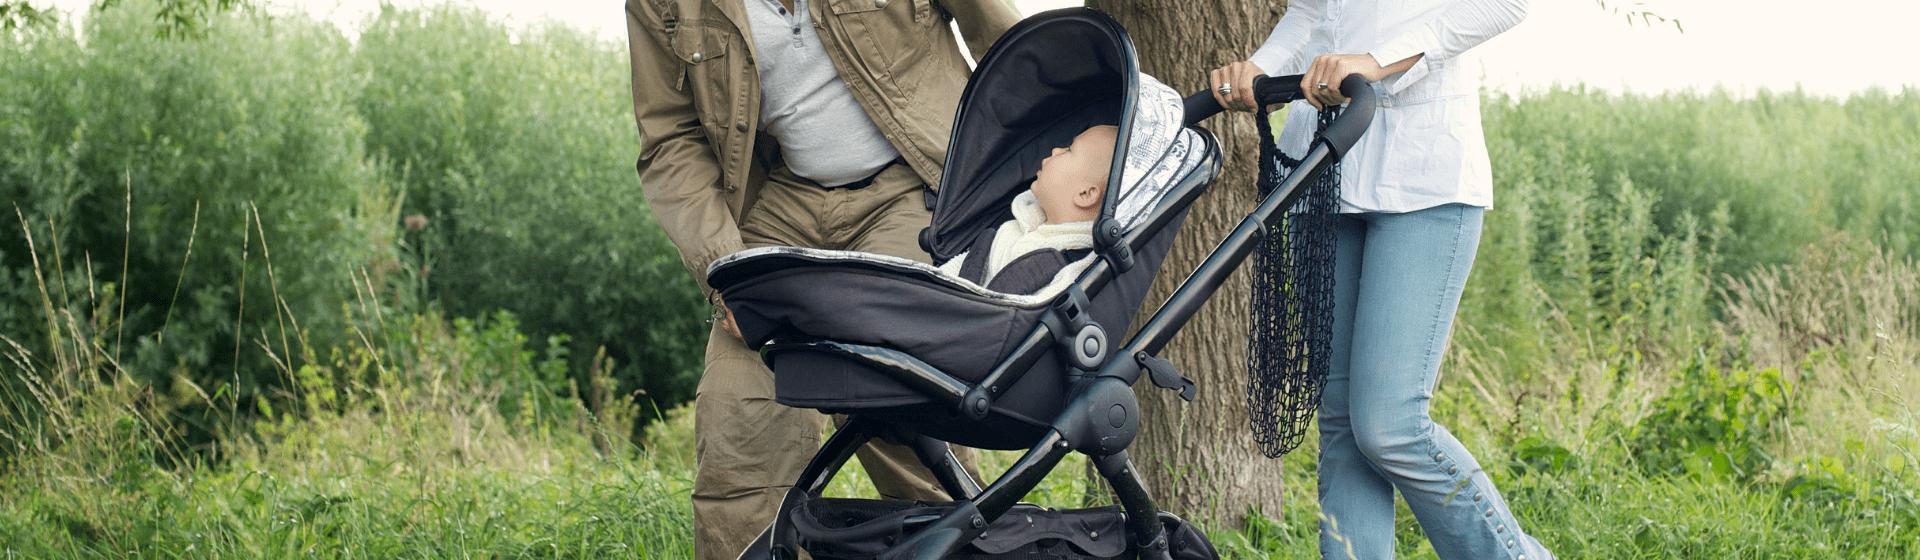 Carrinho de bebê com bebê conforto: 7 modelos para comprar